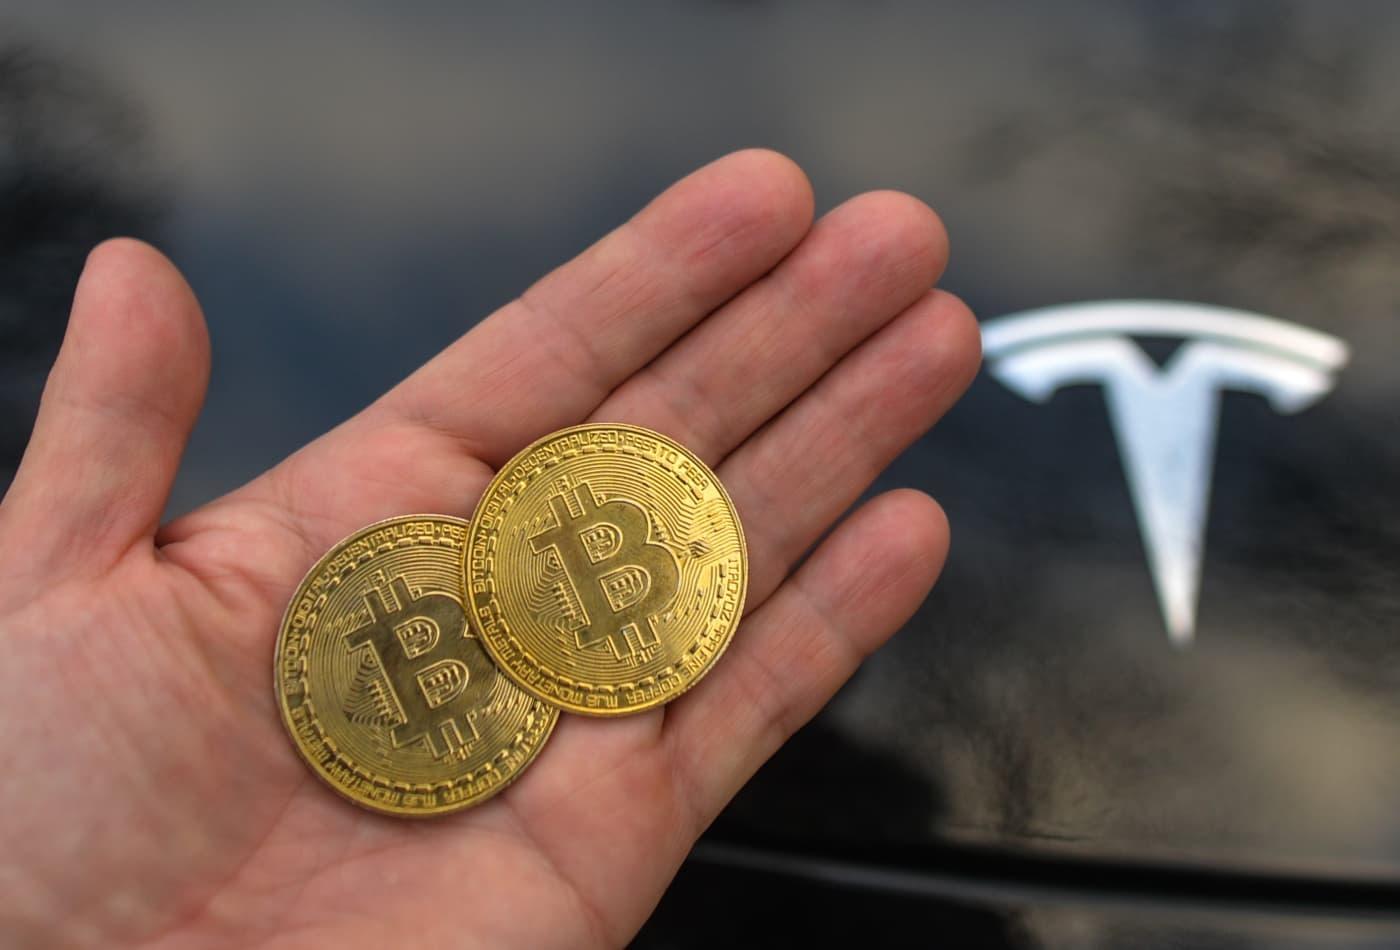 mua xe tesla bang bitcoin se phai chiu thue lon